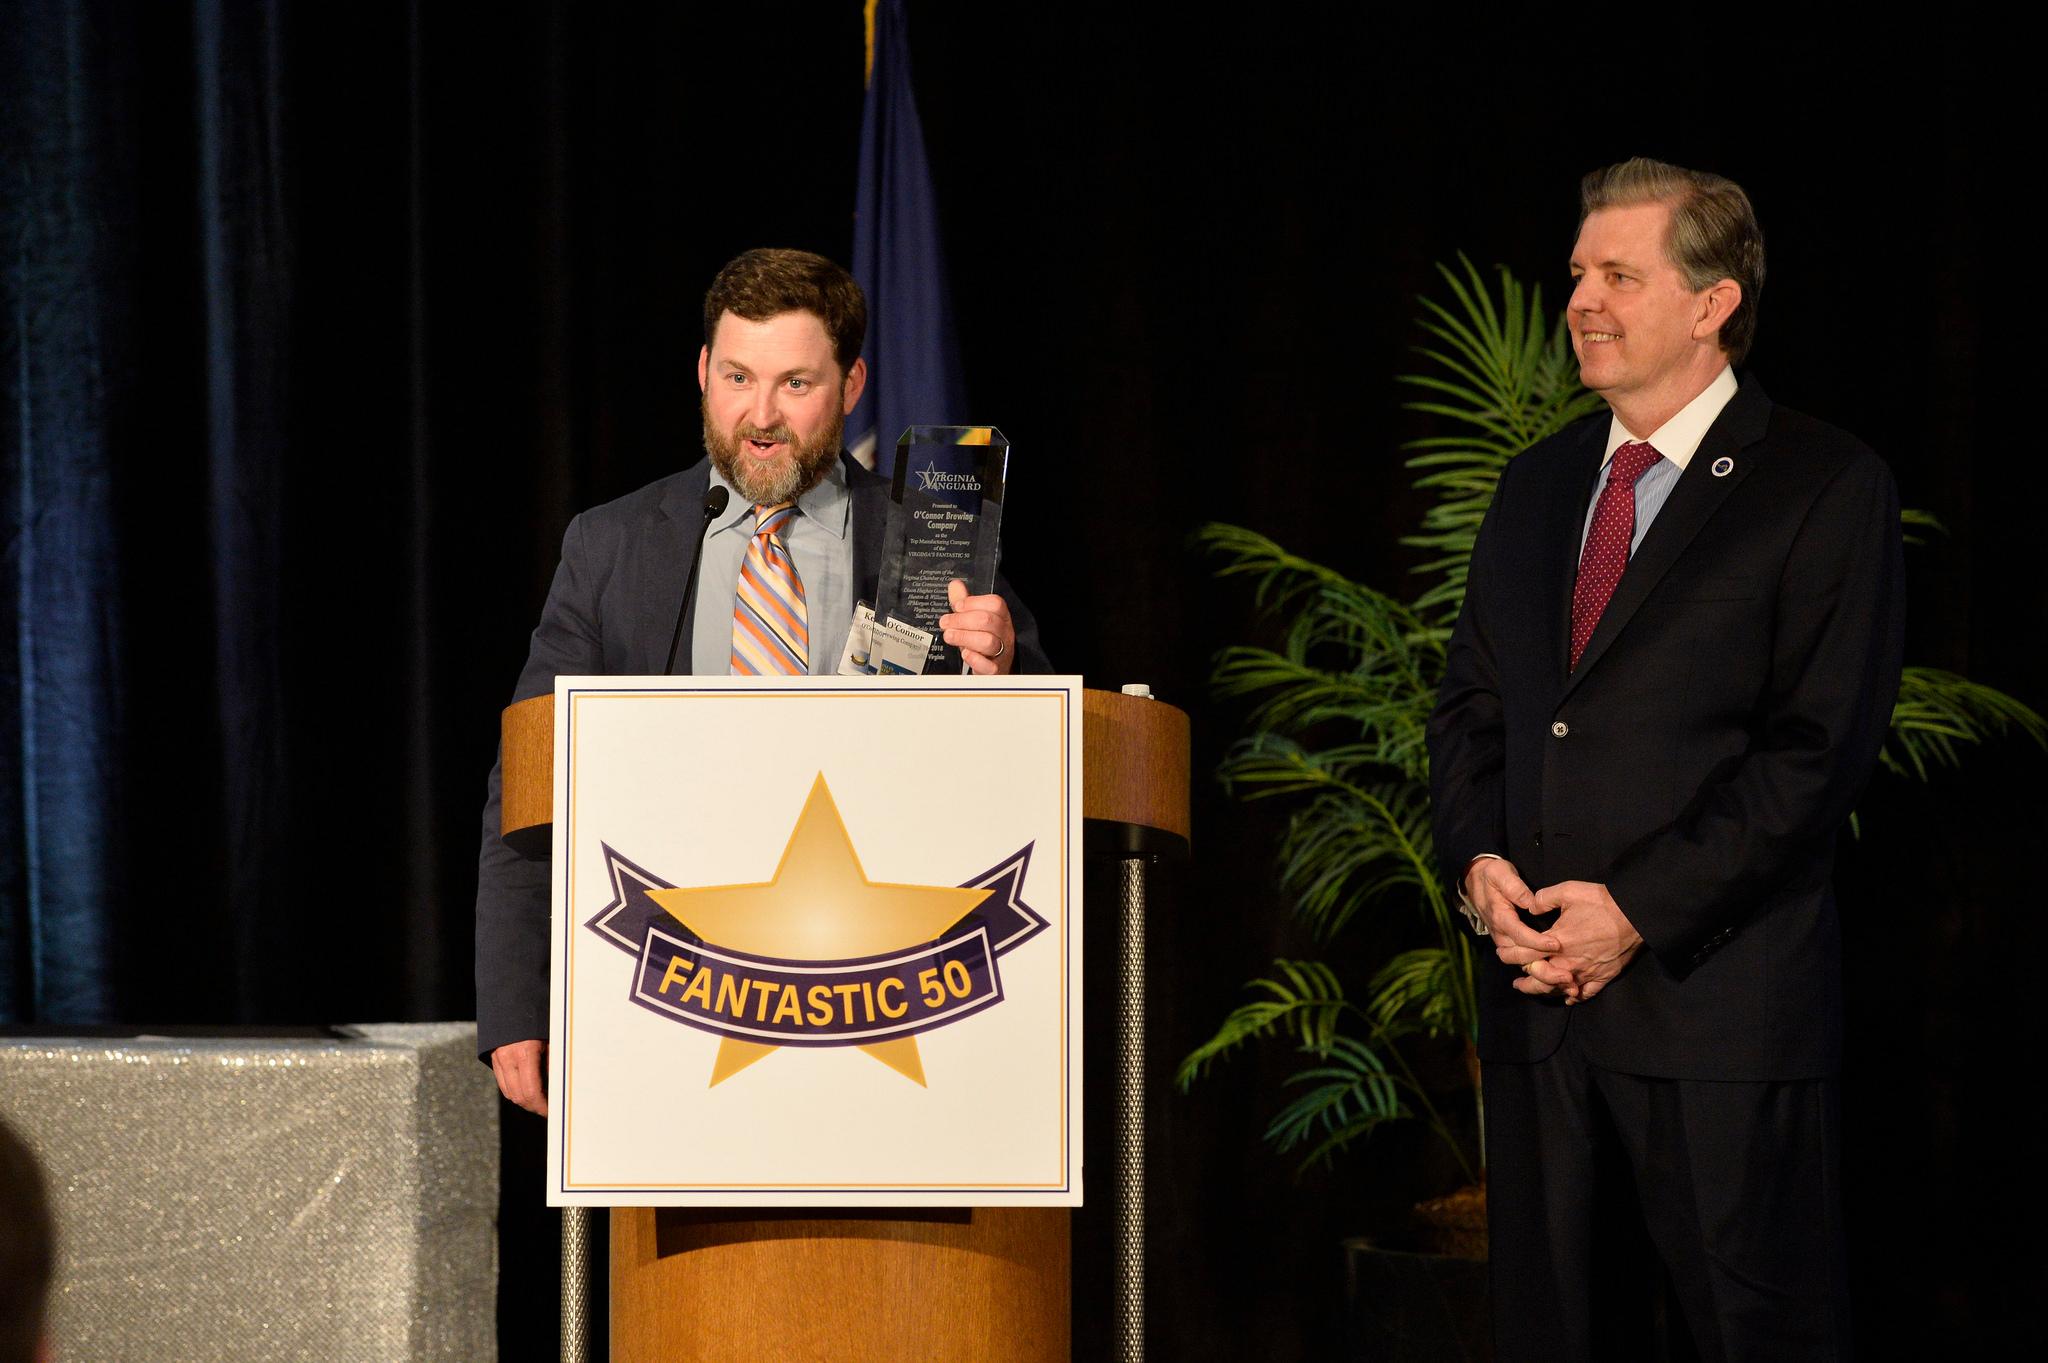 O'Connor Brewing Receives Virginia's Fantastic 50 Award